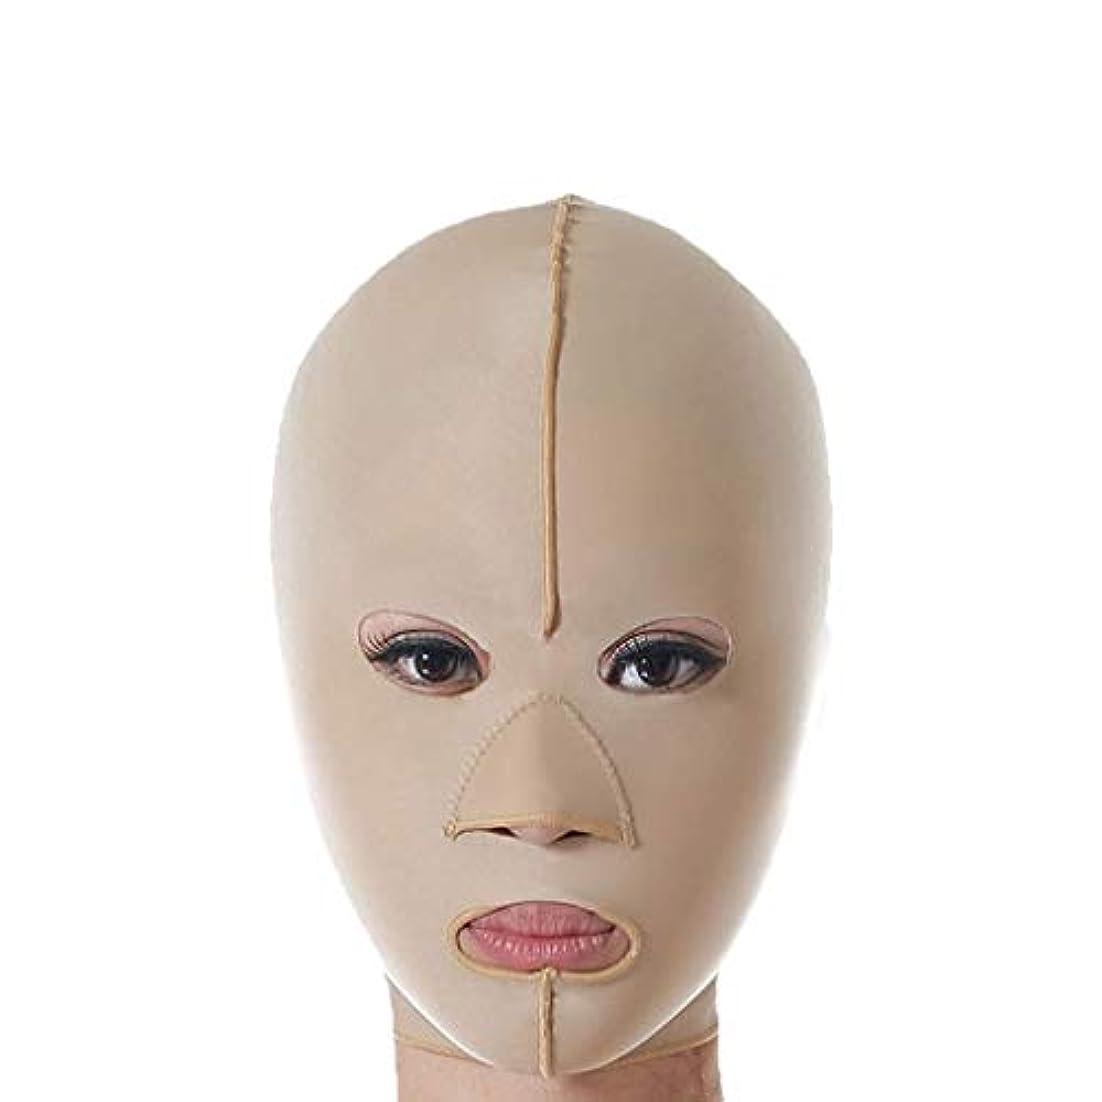 クローゼット呼び起こすコミットメント減量フェイスマスク、リフティング包帯、スリムフェイスリフトリフティングベルト、フェイシャル減量リフティング包帯、リフティングファーミング包帯(サイズ:XL),ザ?